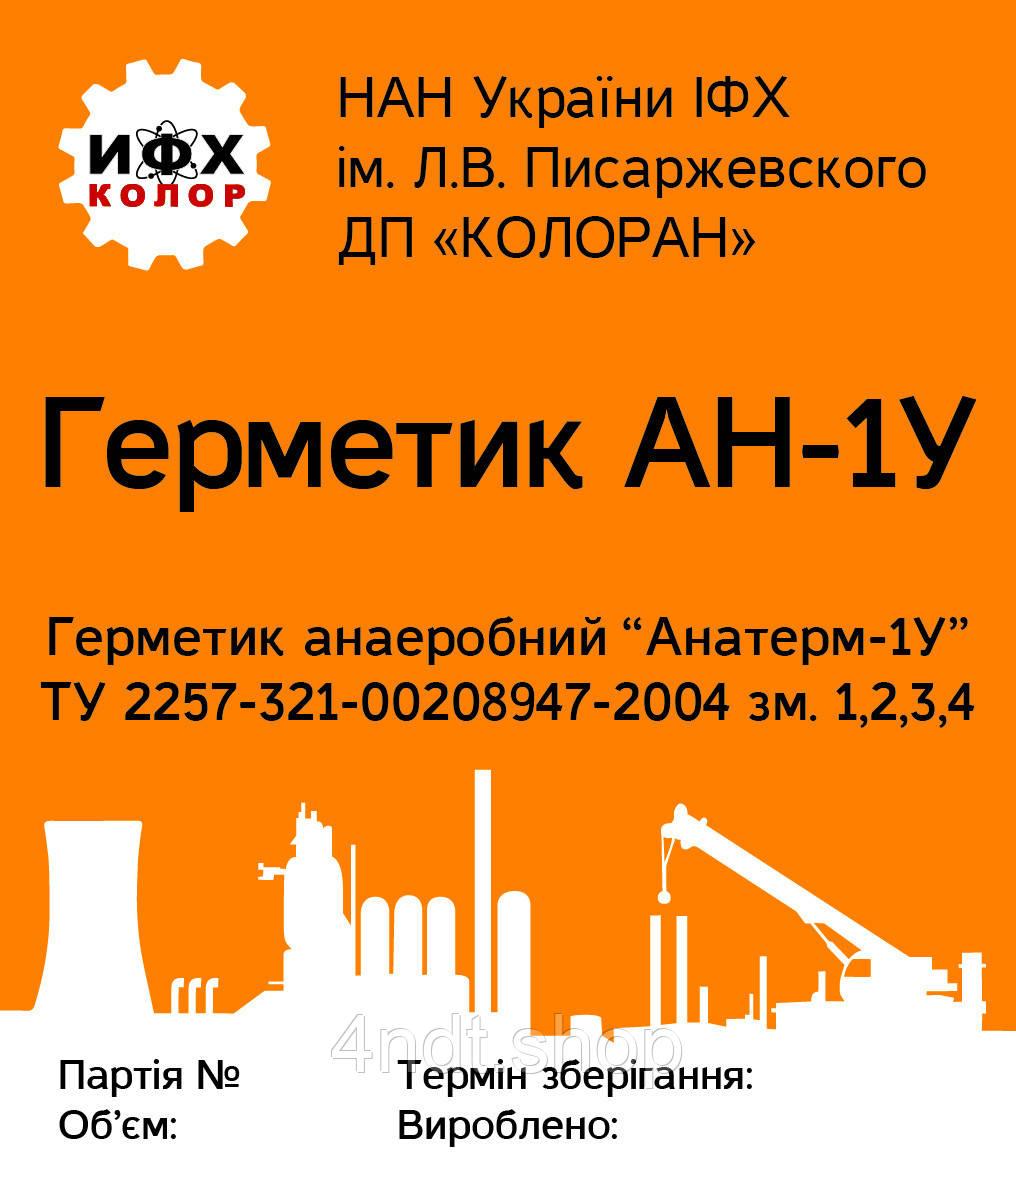 Герметик Анатерм-1У, Ан-1у